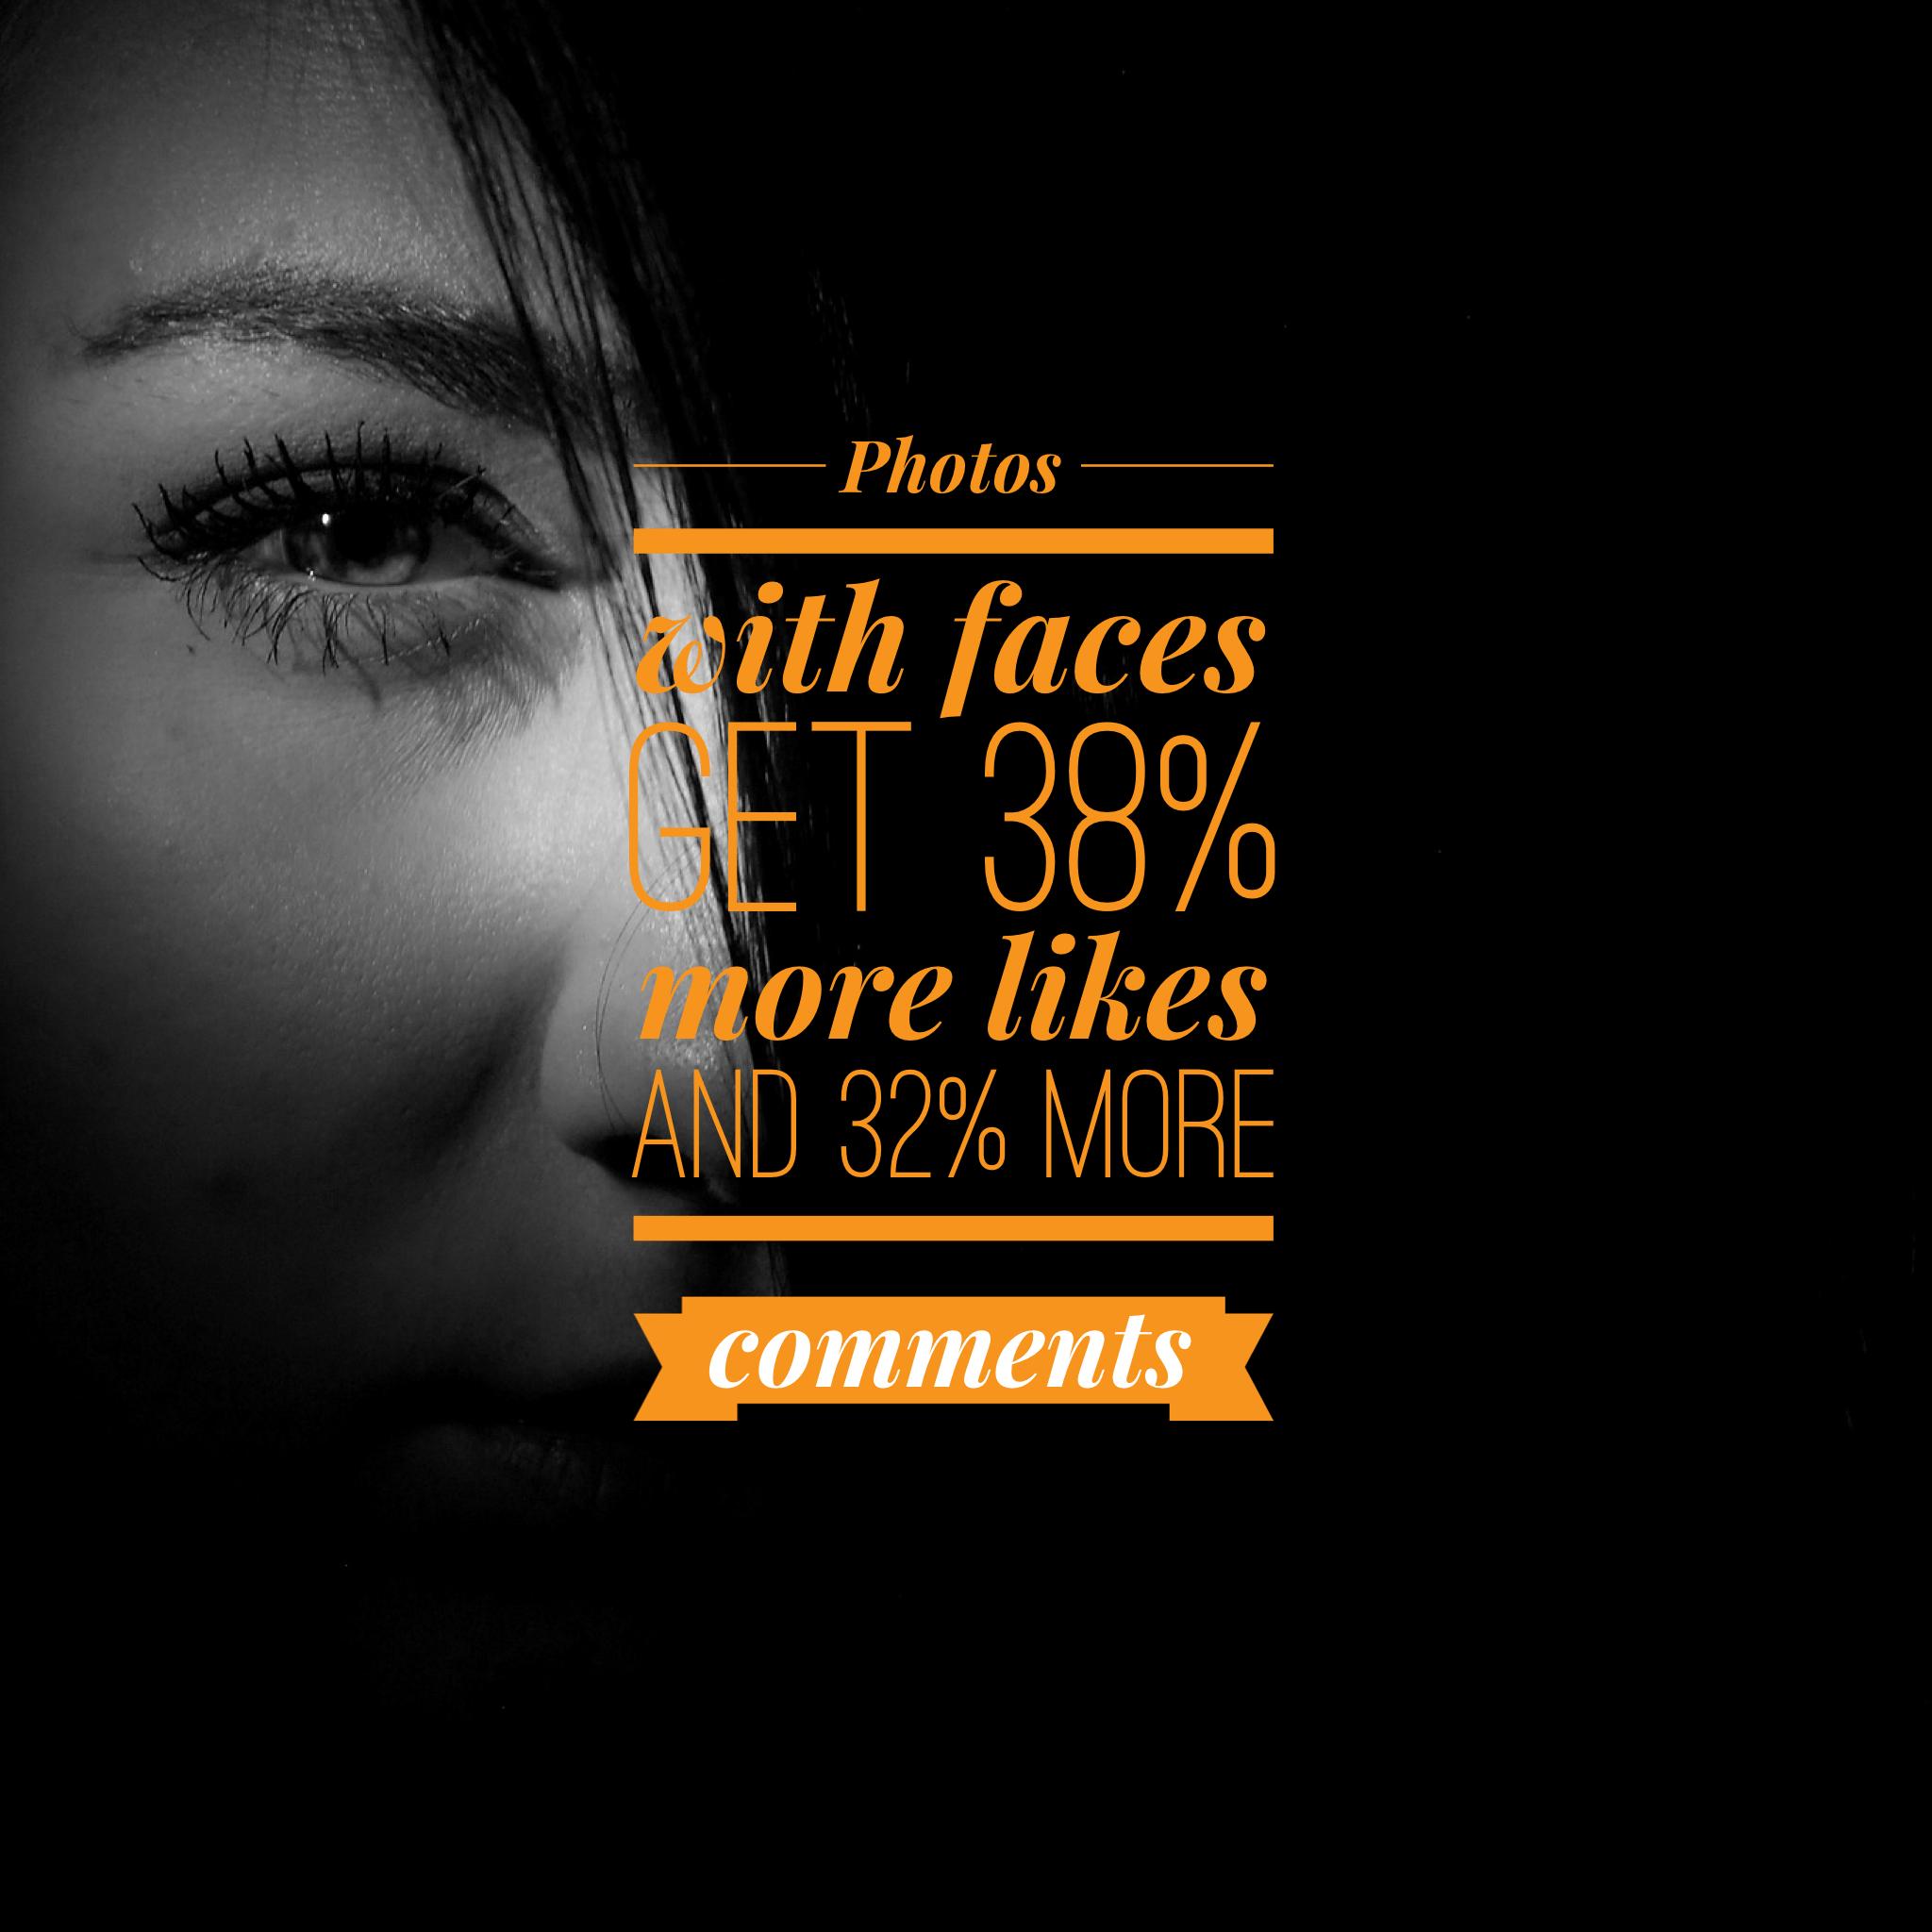 face photos stat